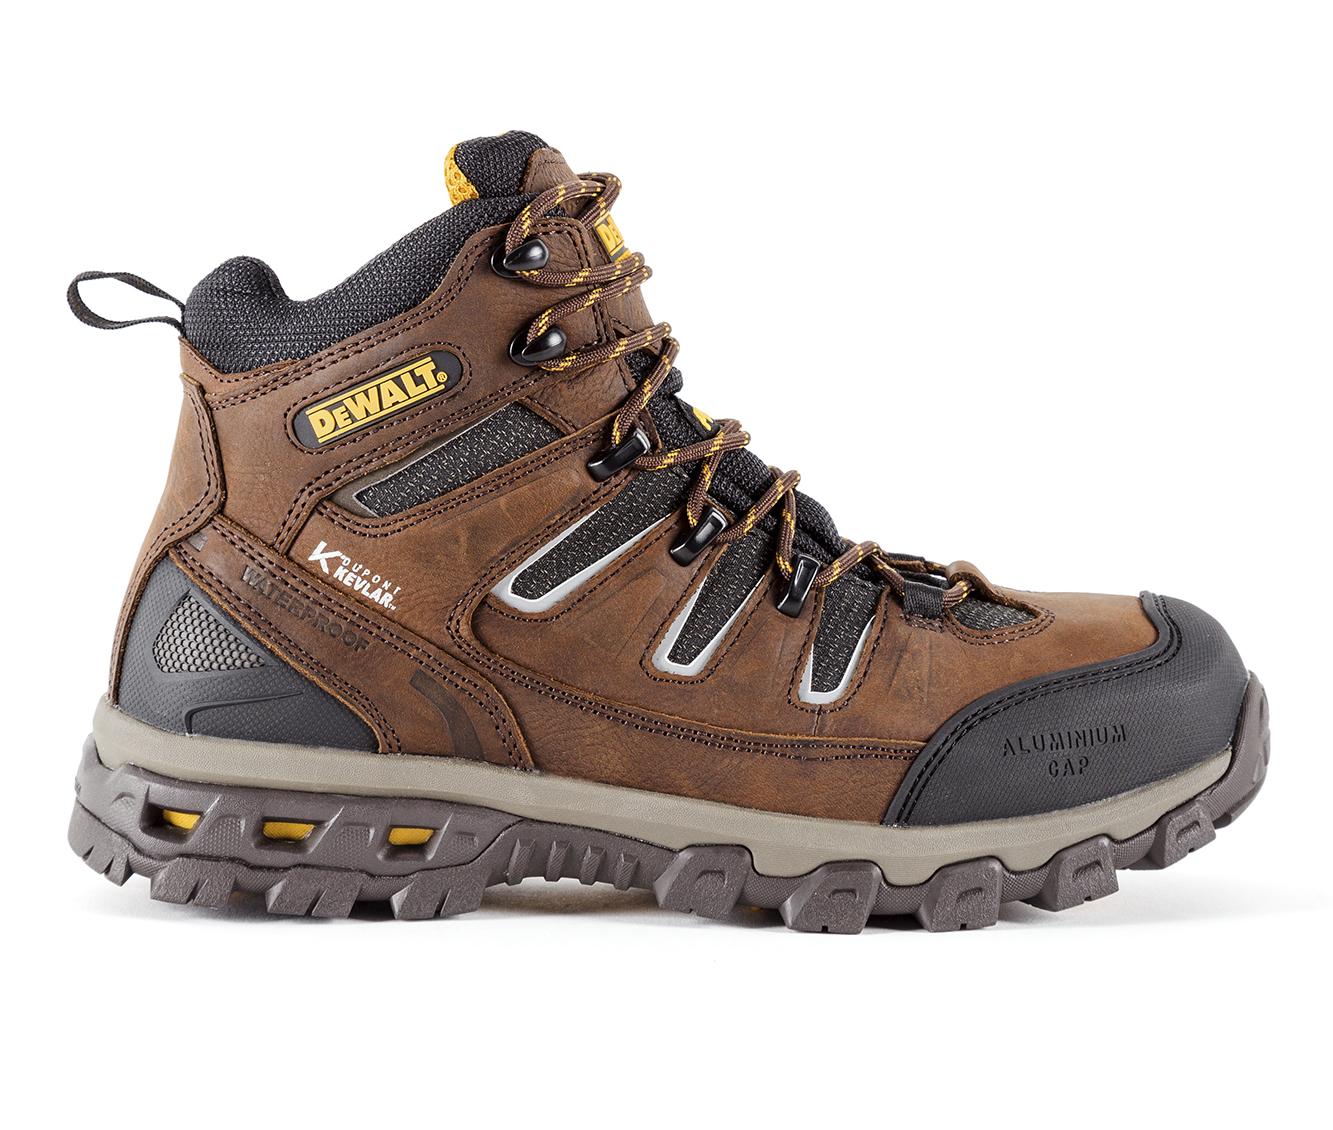 DeWALT Argon 6 Inch Aluminum Toe Waterproof Men's Boots (Brown Fabric)